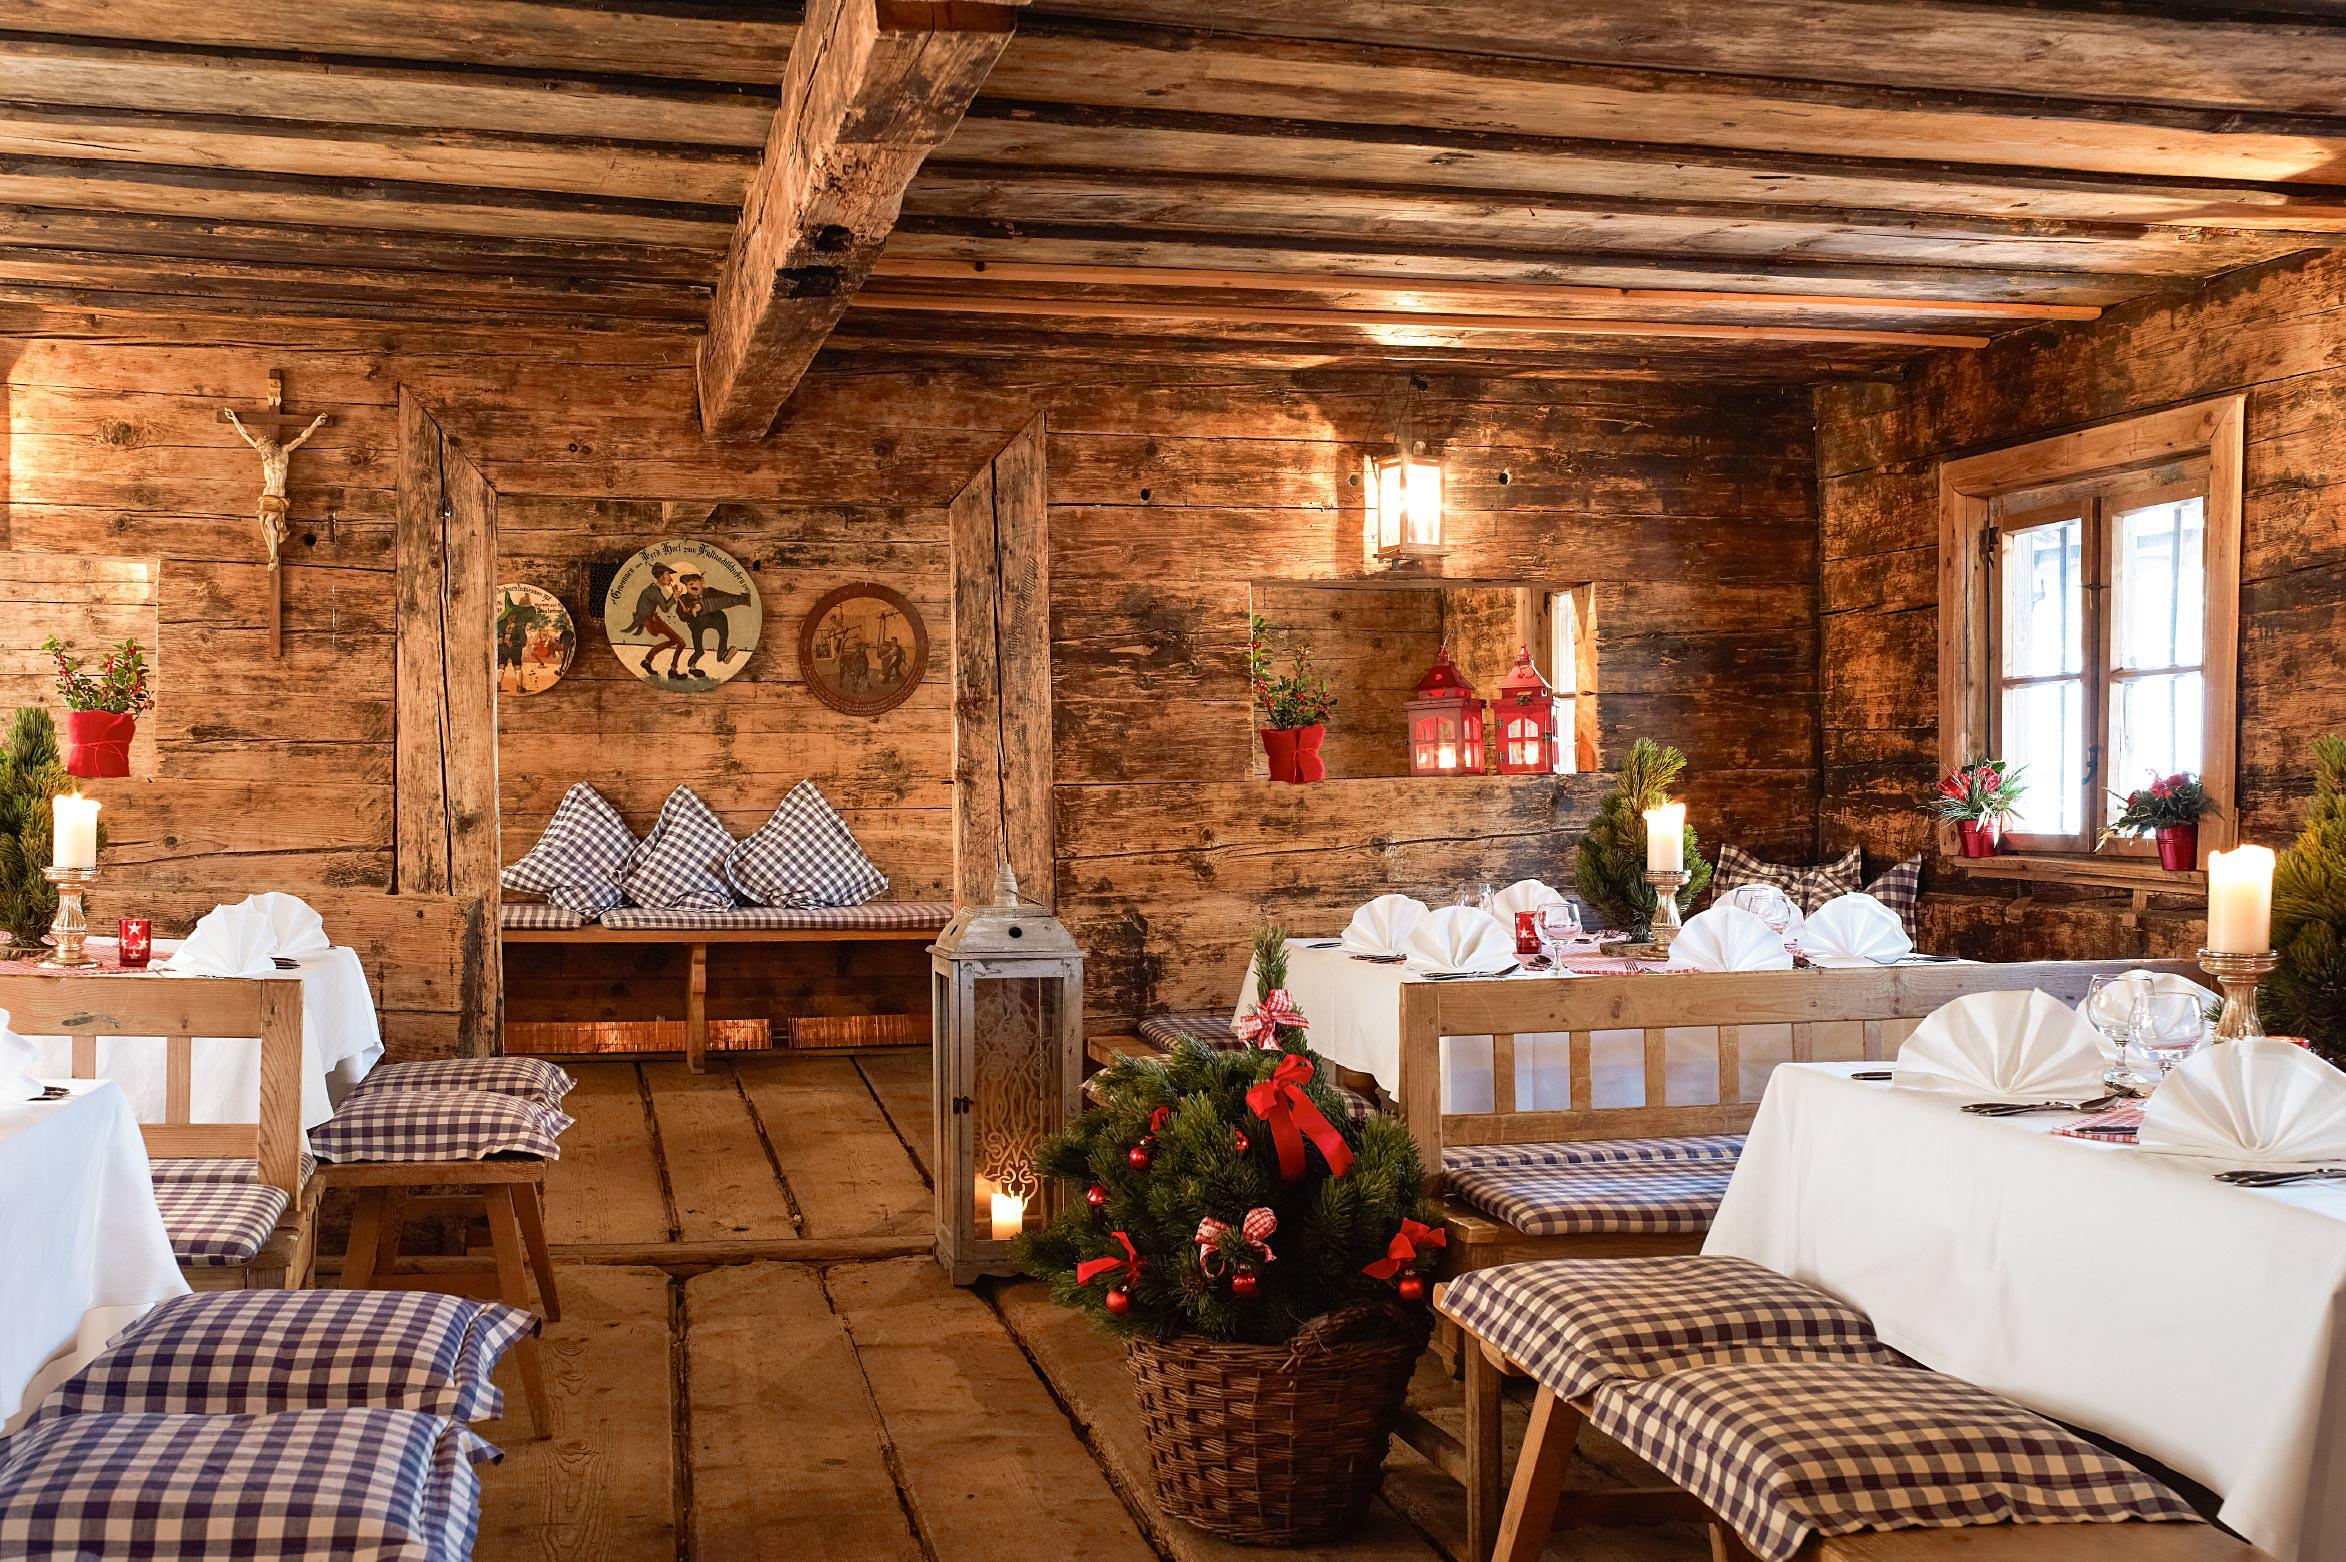 location weihnachstfeier m nchen brauereigasthof hotel aying. Black Bedroom Furniture Sets. Home Design Ideas